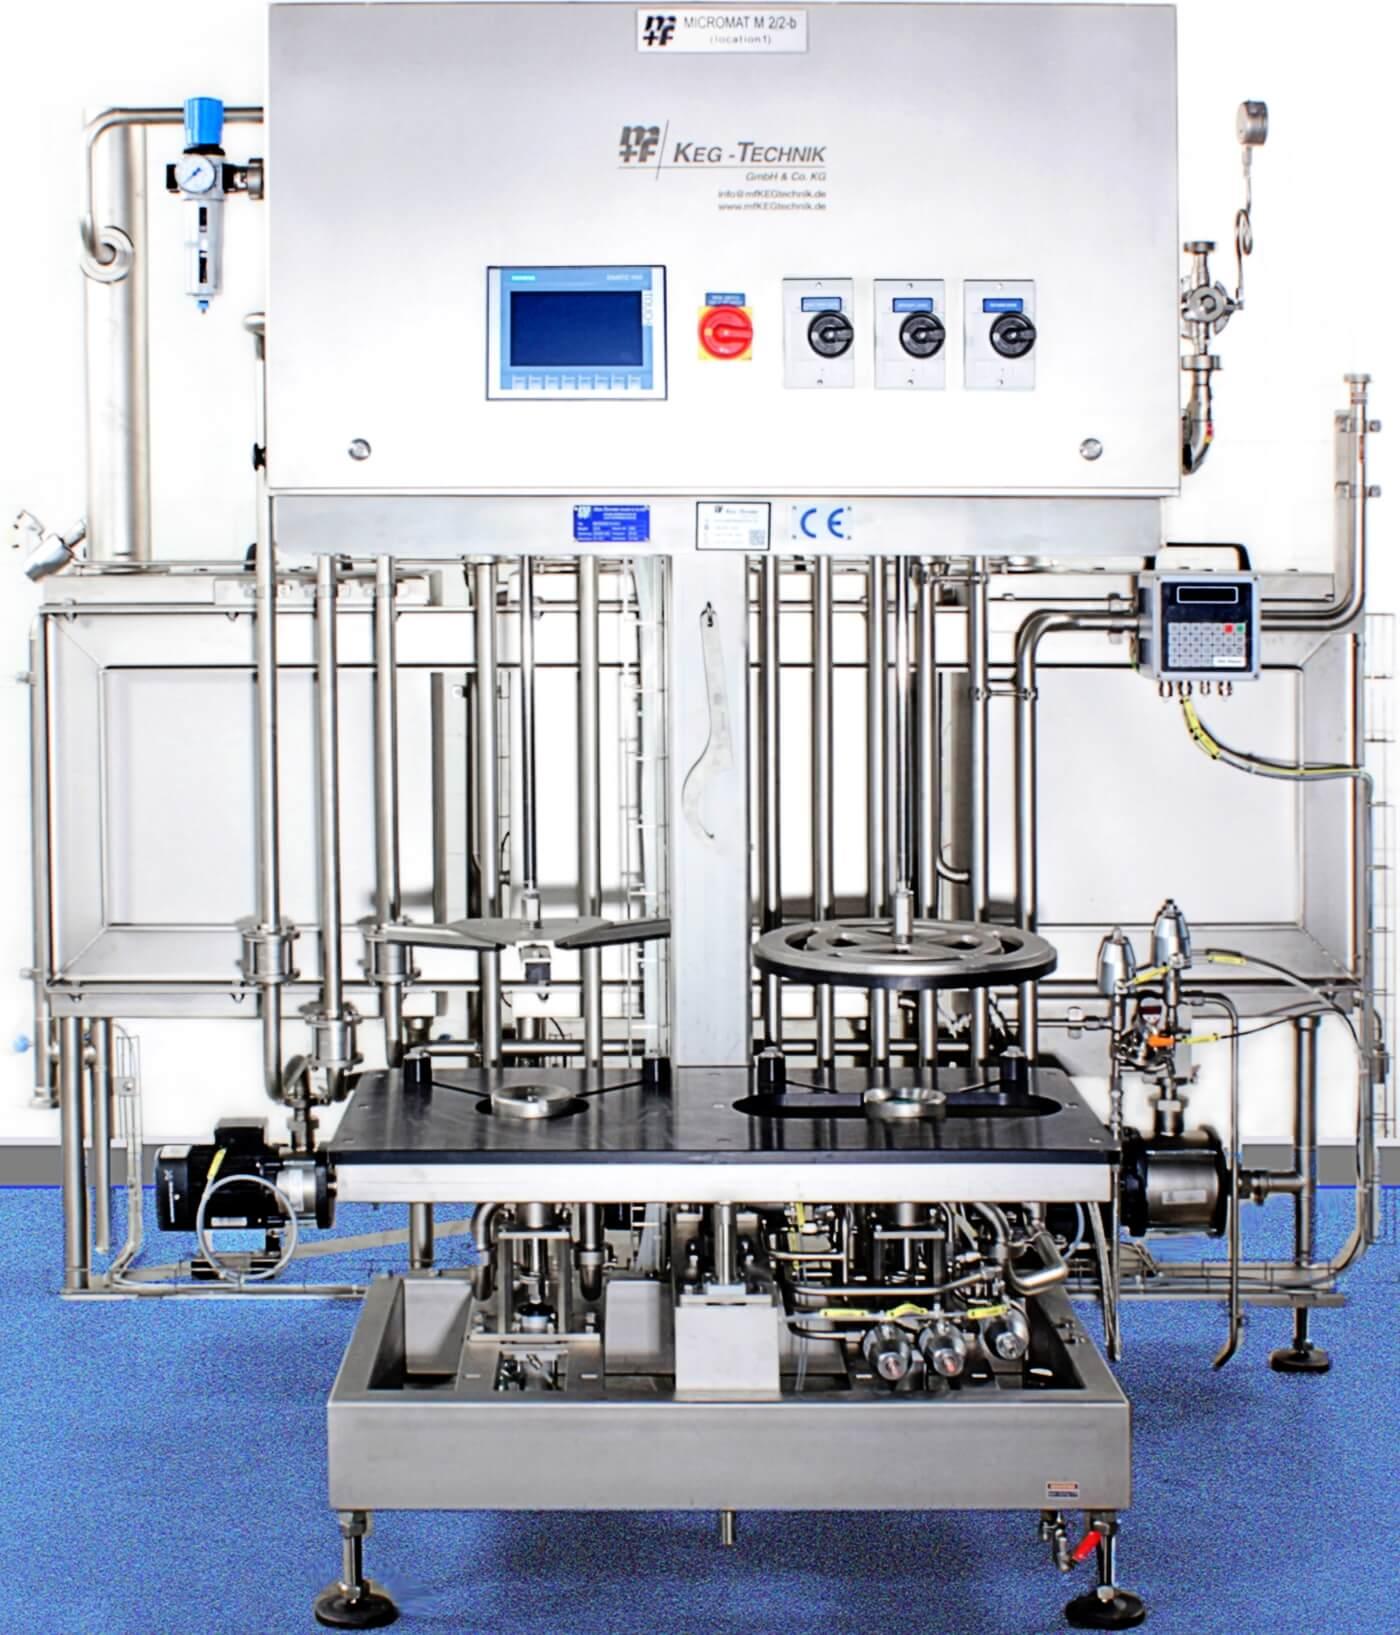 micromat-m-2-2-hybrid-nettoyage-interieur-remplissage-futs